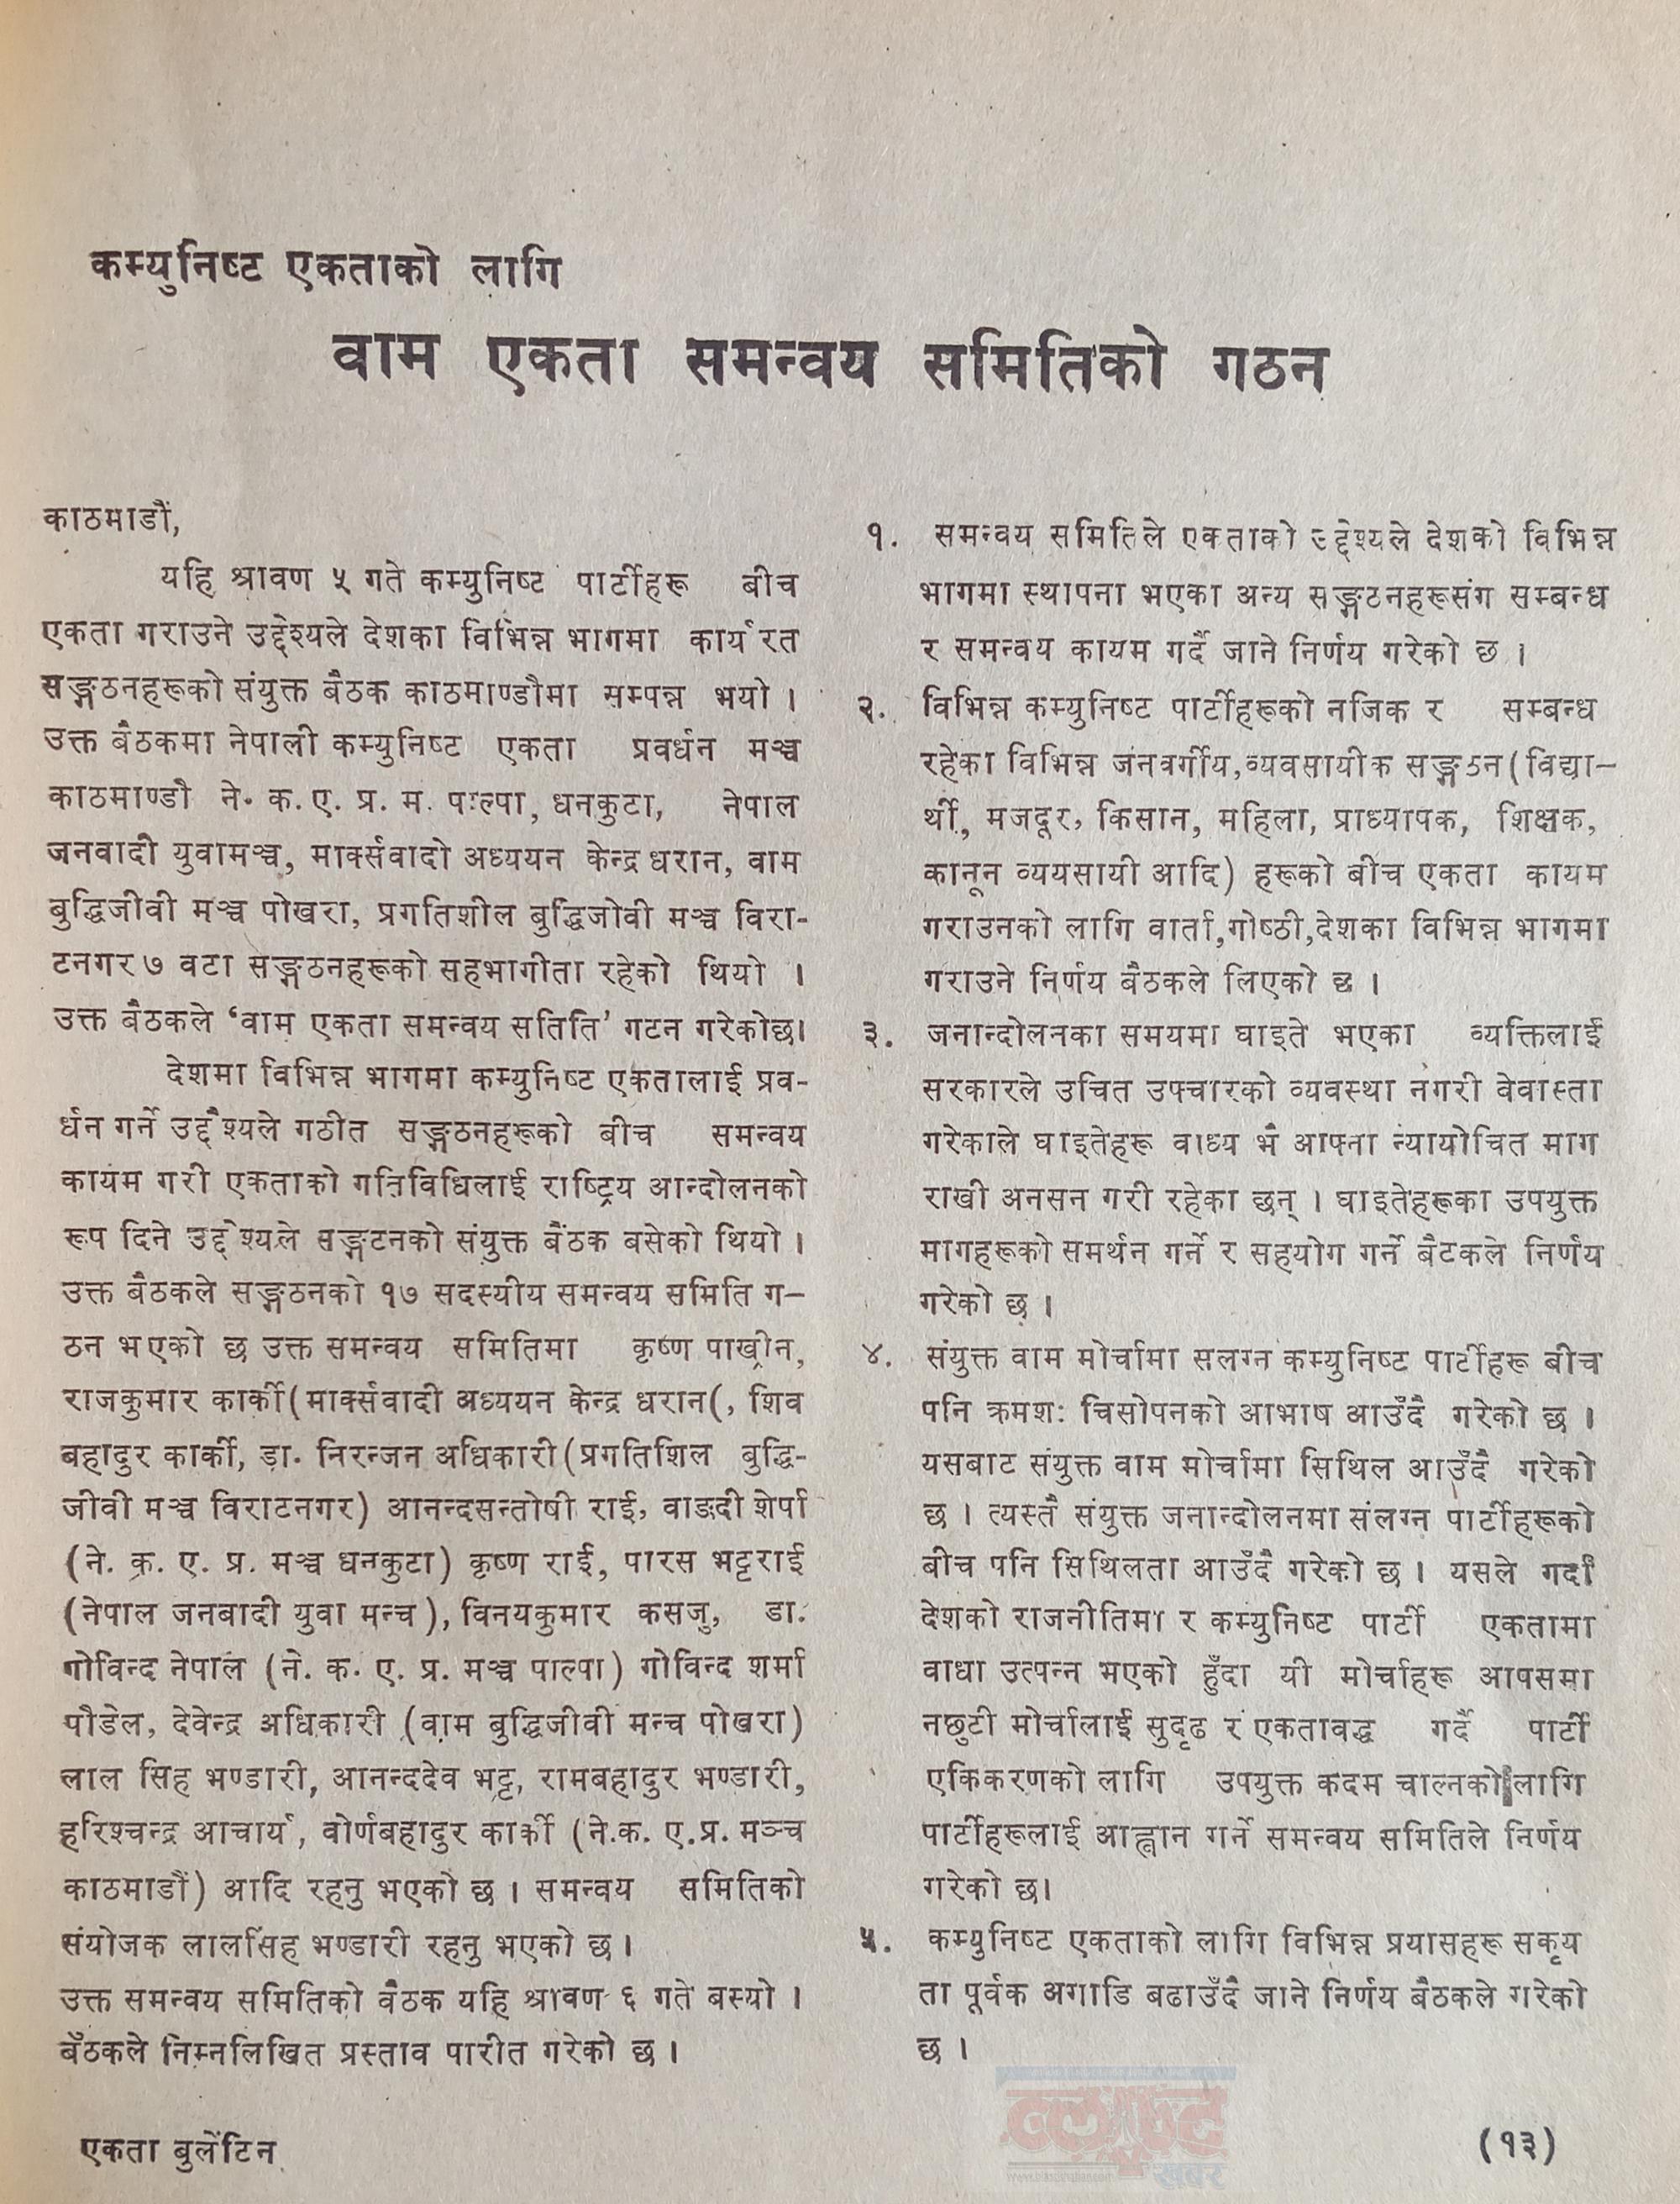 Raj_Kumar_Karki1_Ekata_buletine1